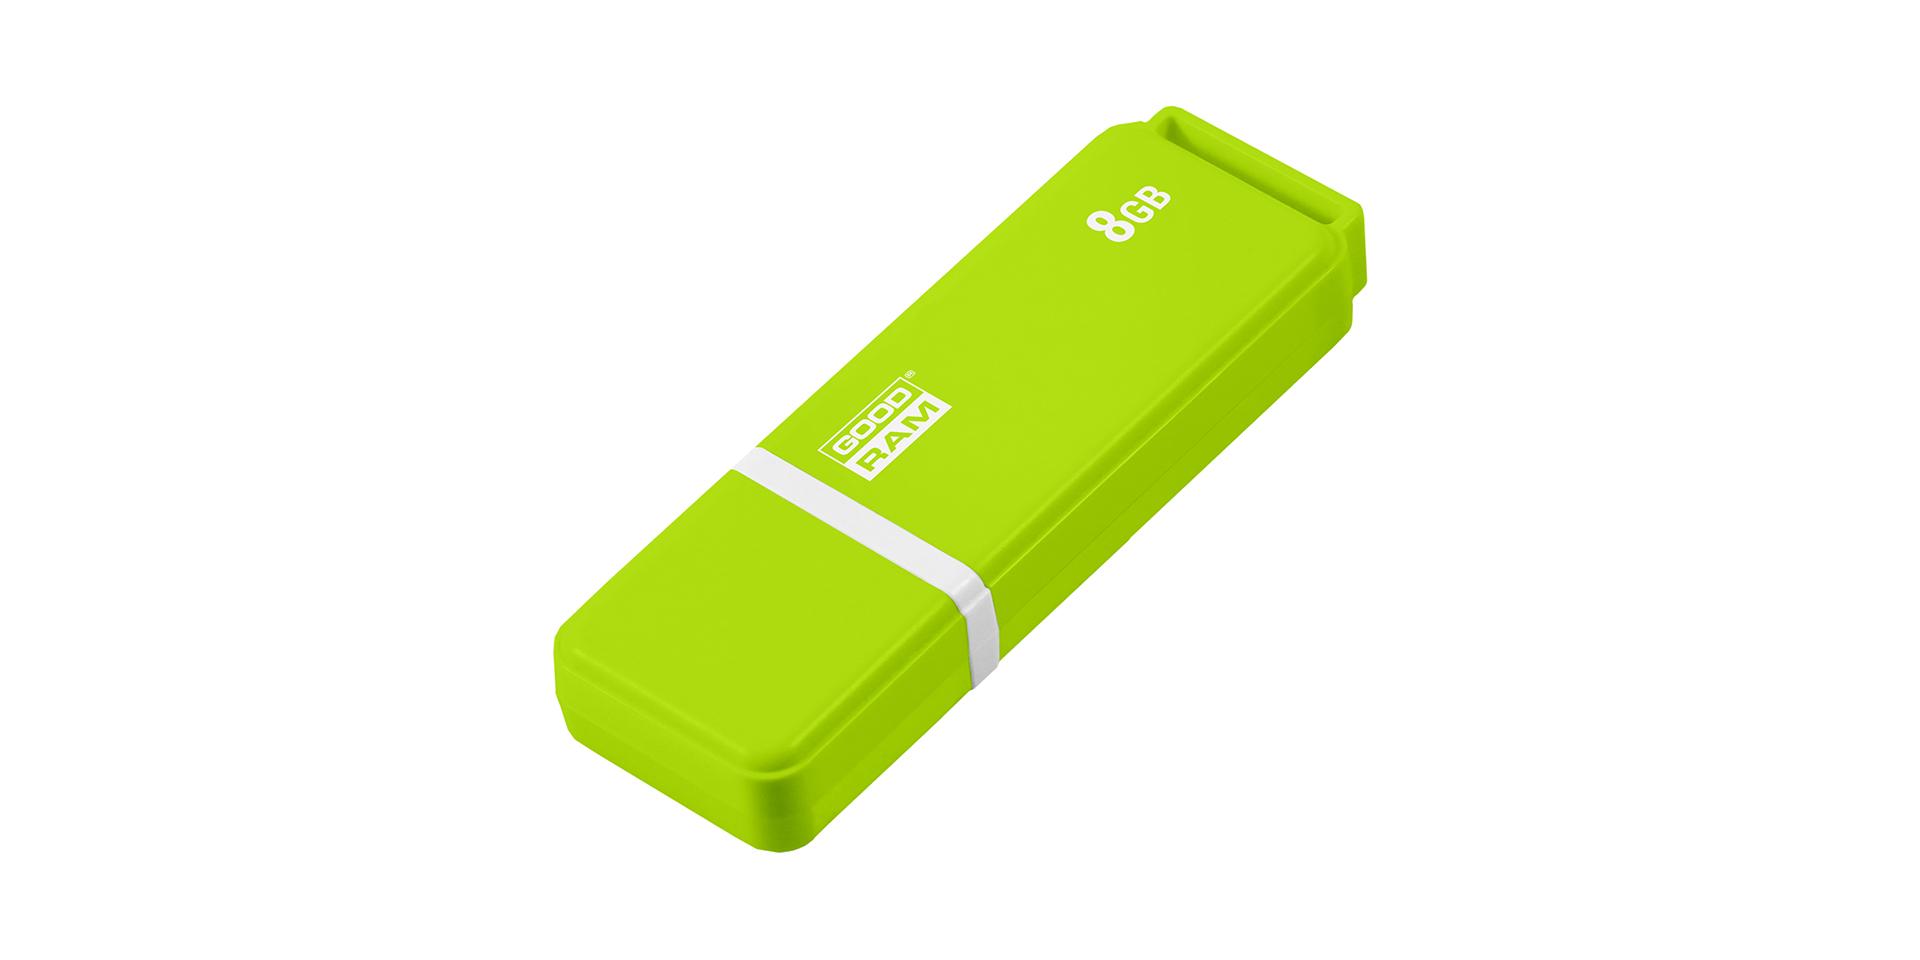 USB 2.0 w zielonej obudowie